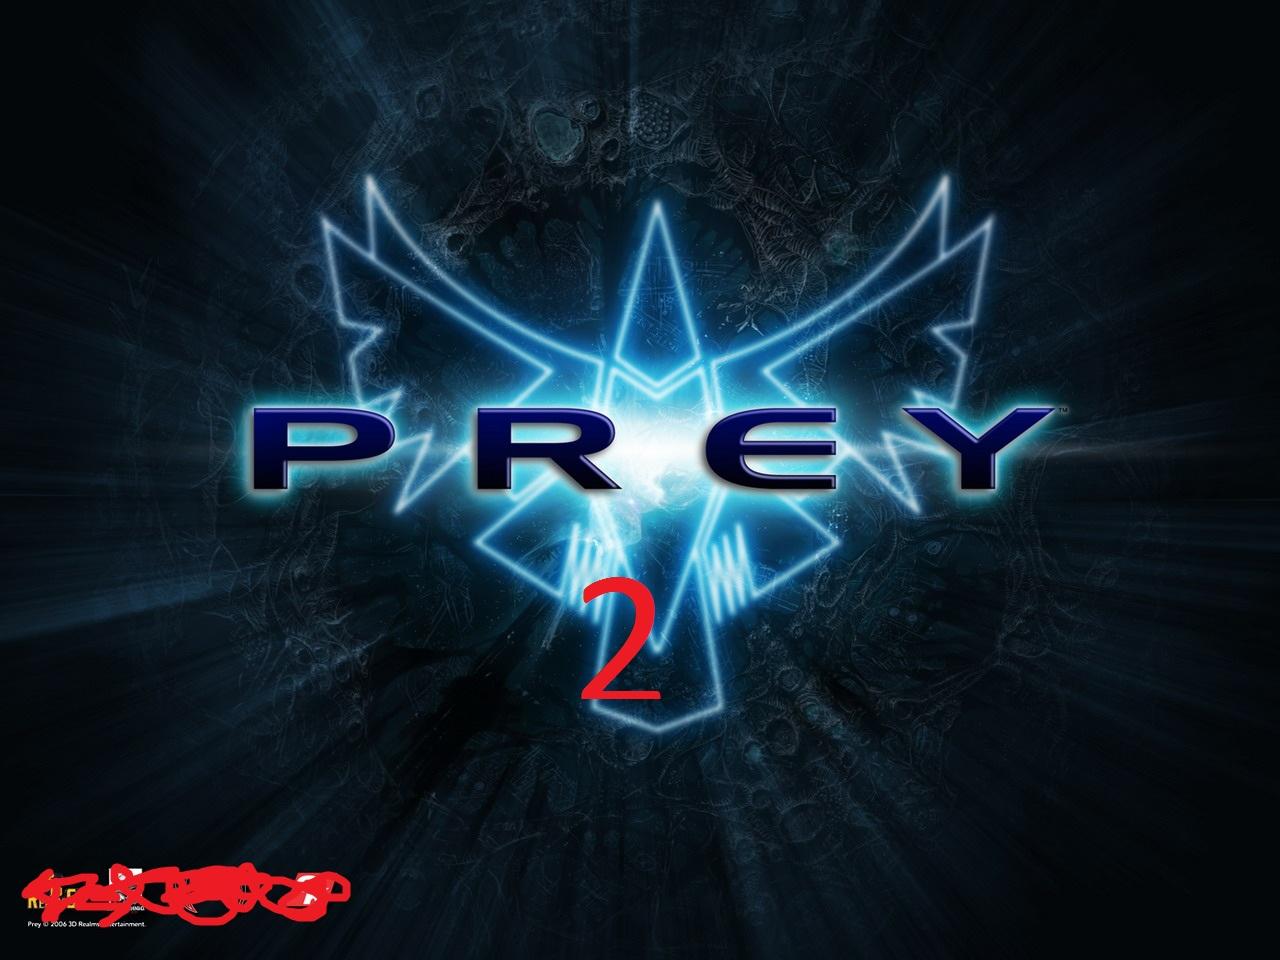 Prey 2 confirmado para el 2012 [Secuelas]